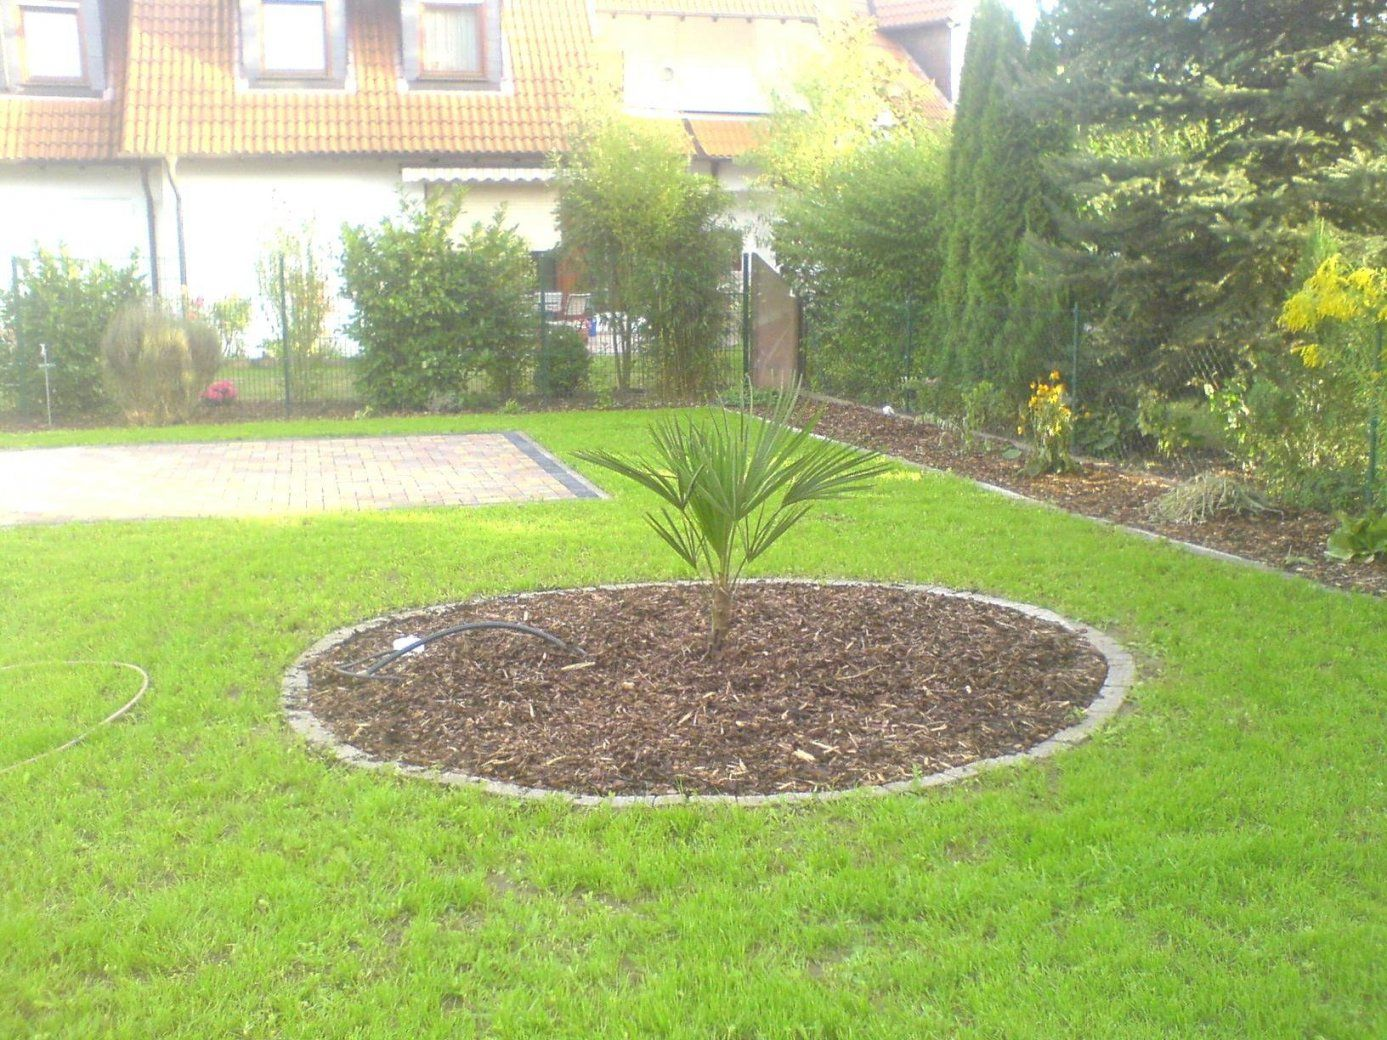 Garten Ohne Rasen Schön Neueste Garten Ohne Rasen Alternativen Zum von Garten Ohne Rasen Alternativen Zum Rasen Photo